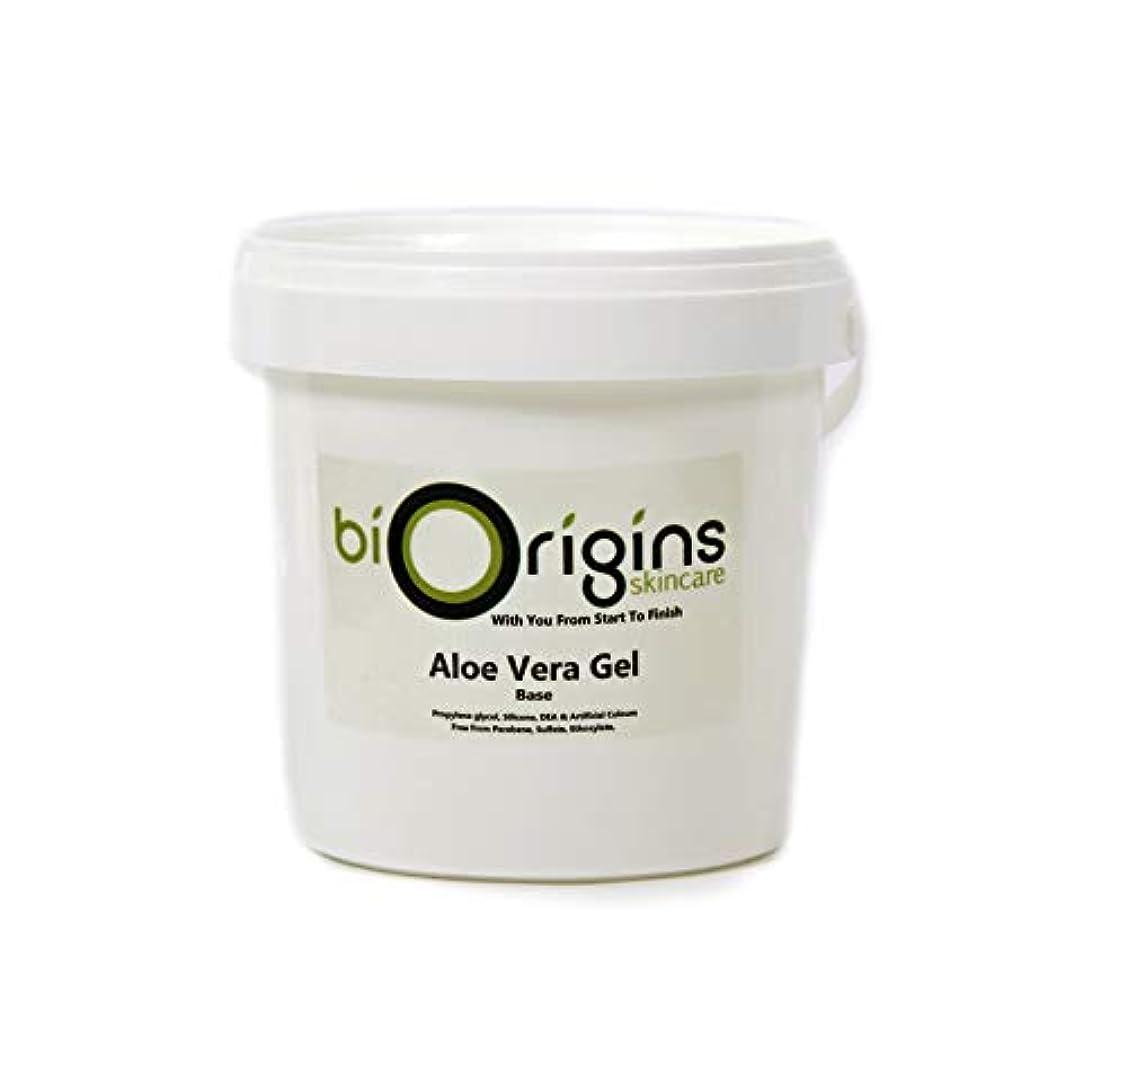 以降シャンパン投獄Aloe Vera Gel Skincare Base 1Kg